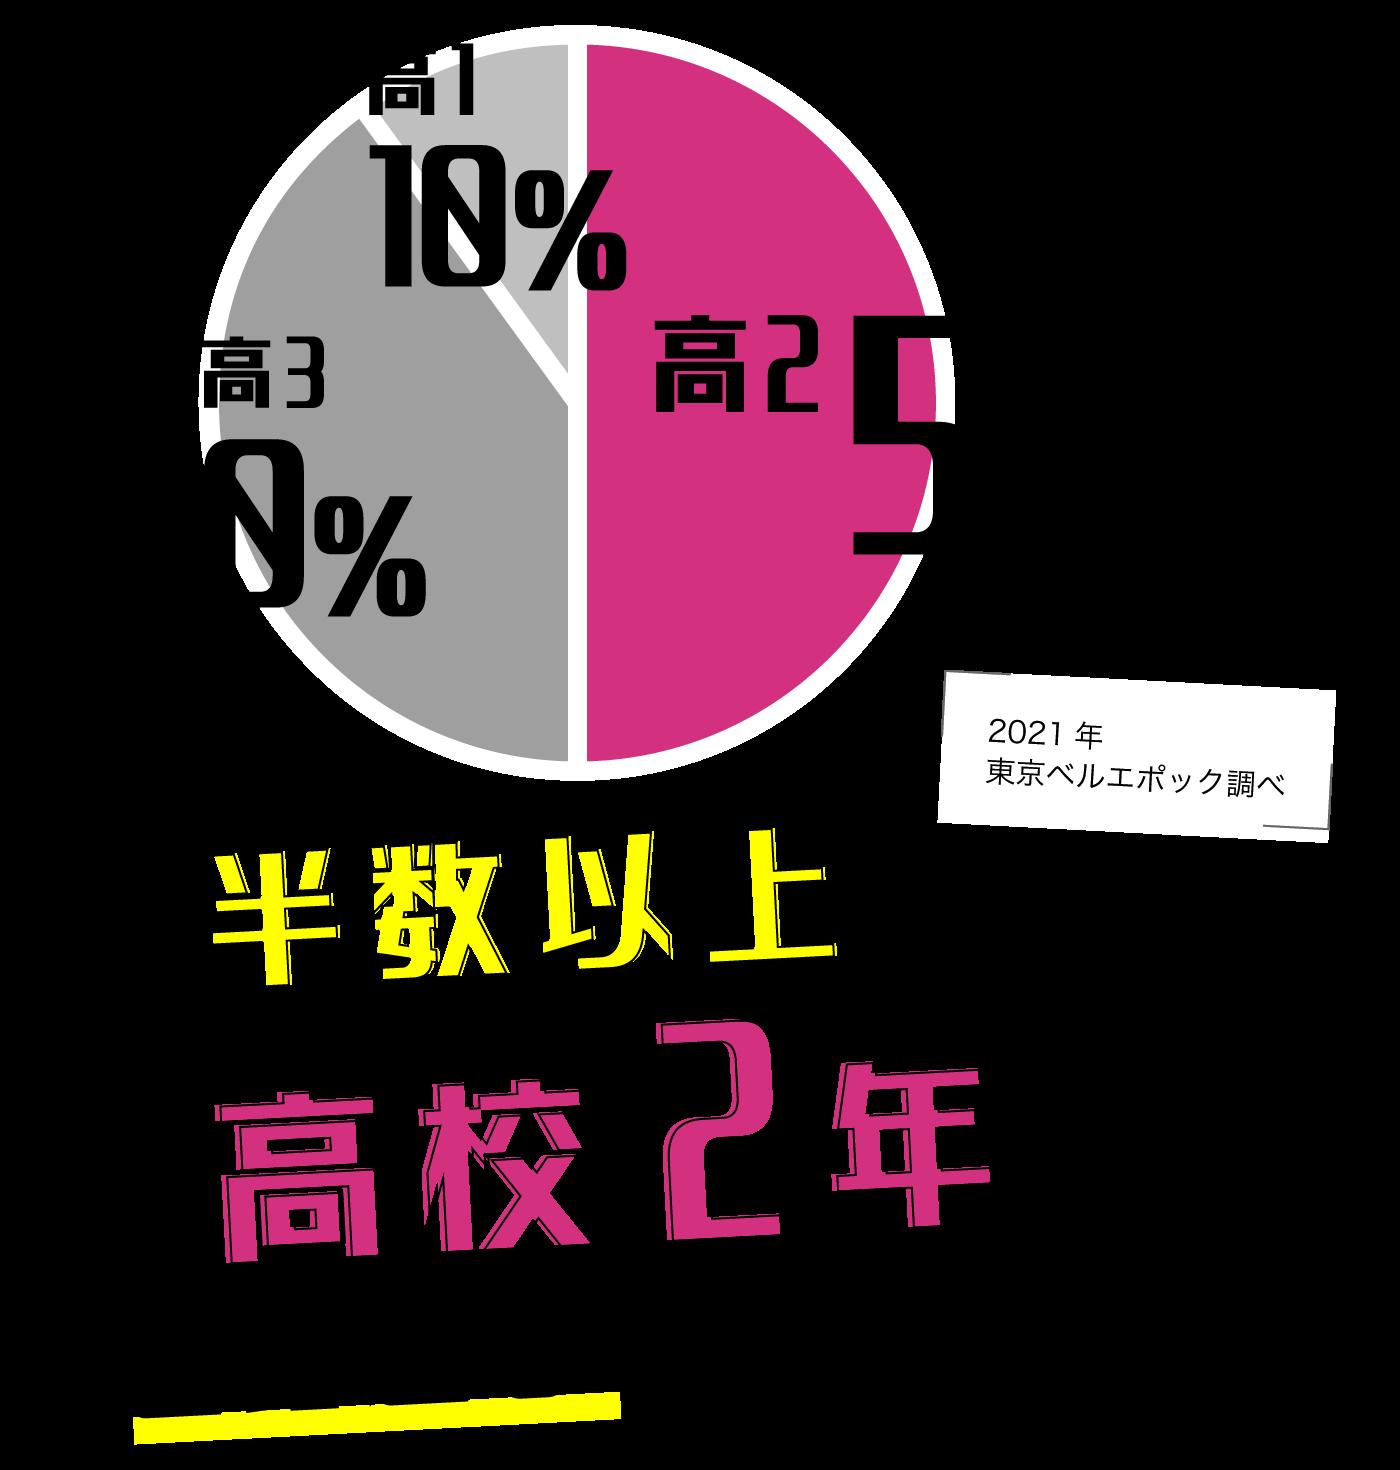 高2が50%、高3が40%、高1は10%という結果に